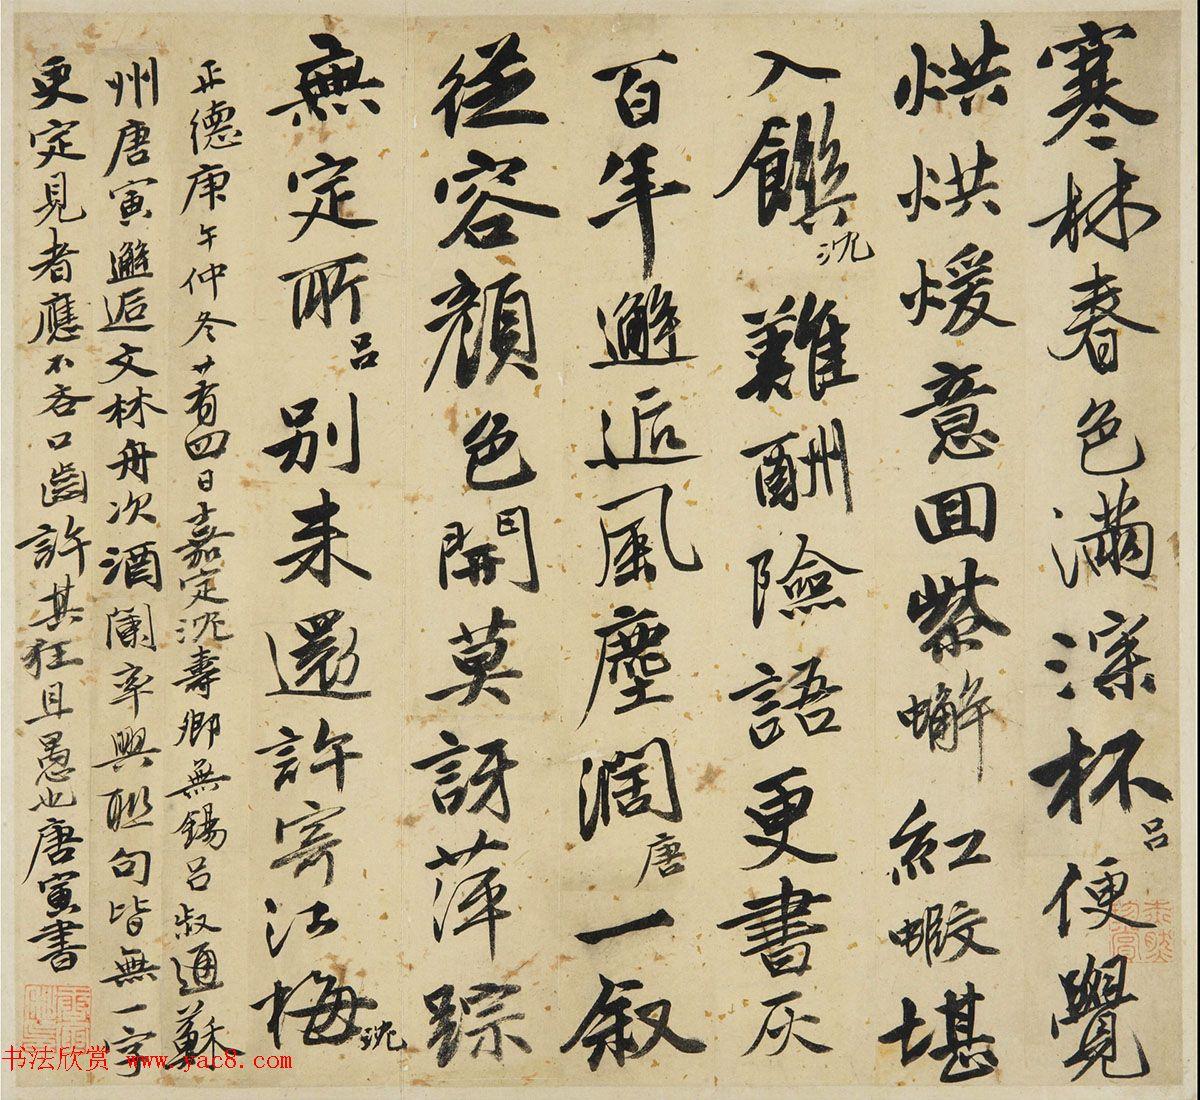 唐寅行书赏析《录与沈寿卿、吕叔通联句》